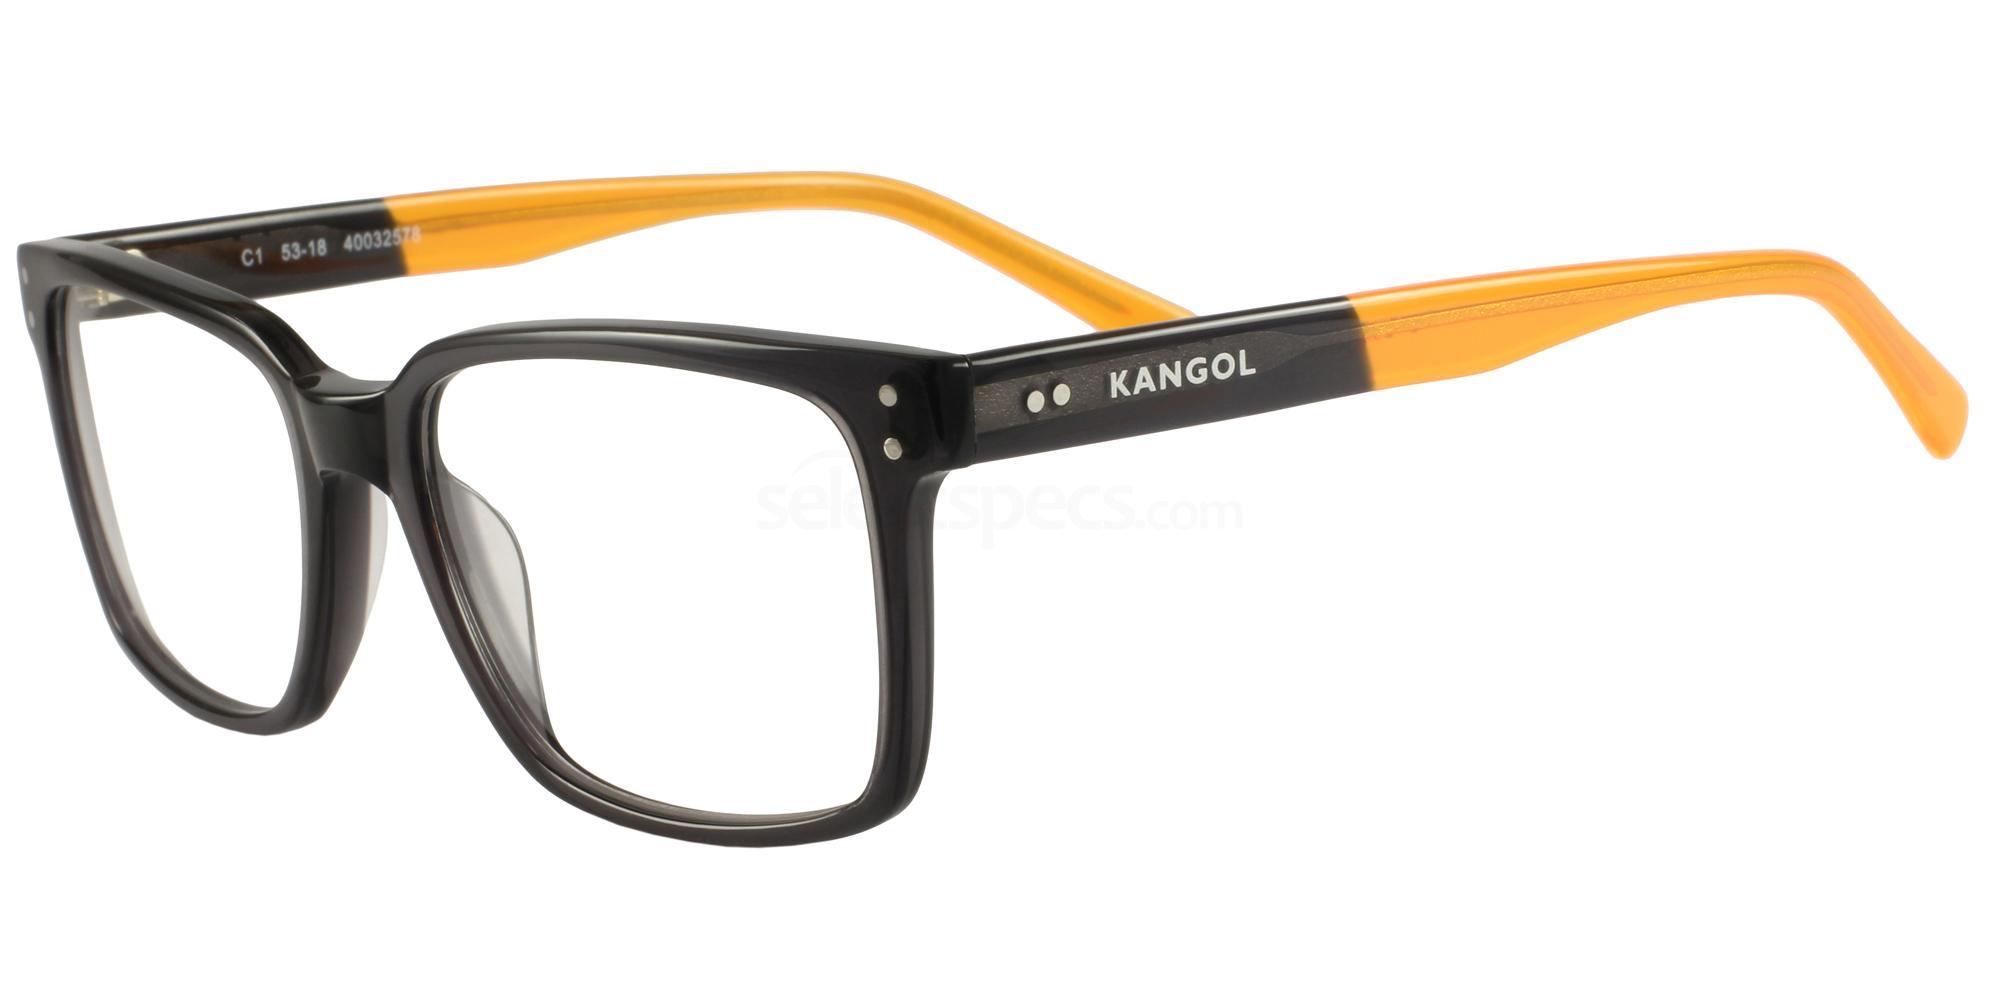 C1 263 Glasses, Kangol